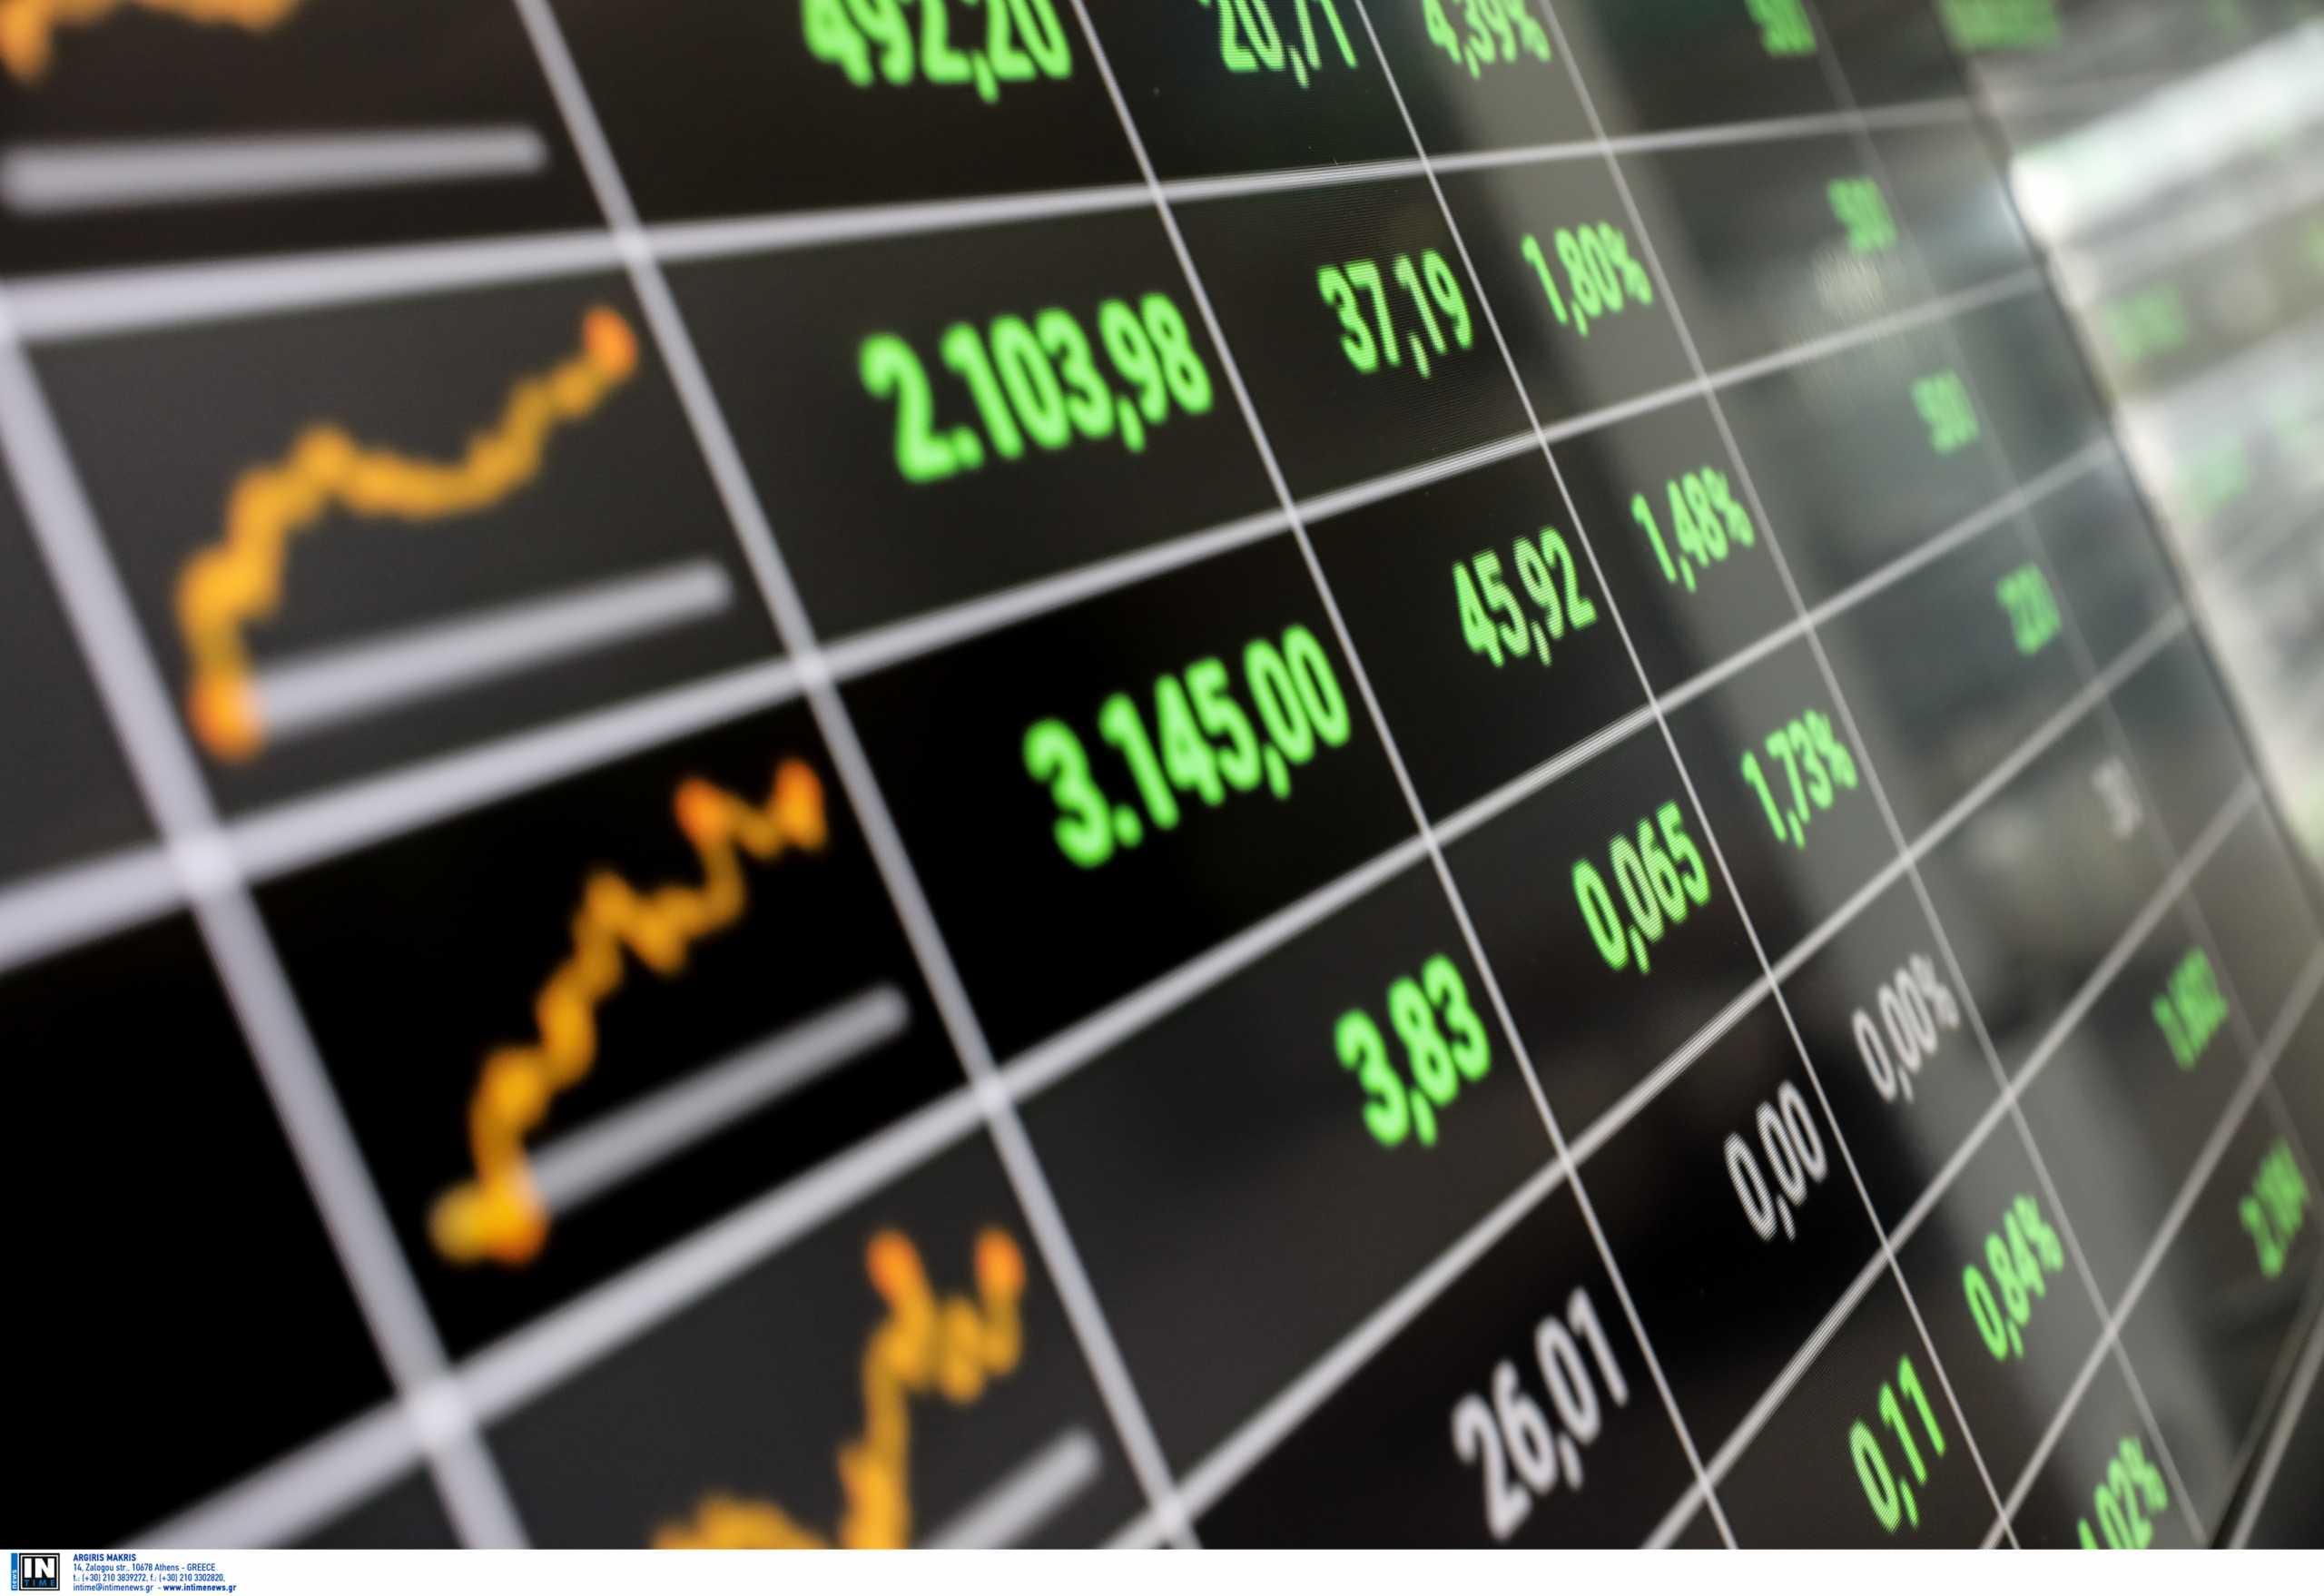 Ρεύμα: Ασύλληπτο «ράλι» της μεγαβατώρας στο χρηματιστήριο – Αύξηση 189% σε ένα χρόνο